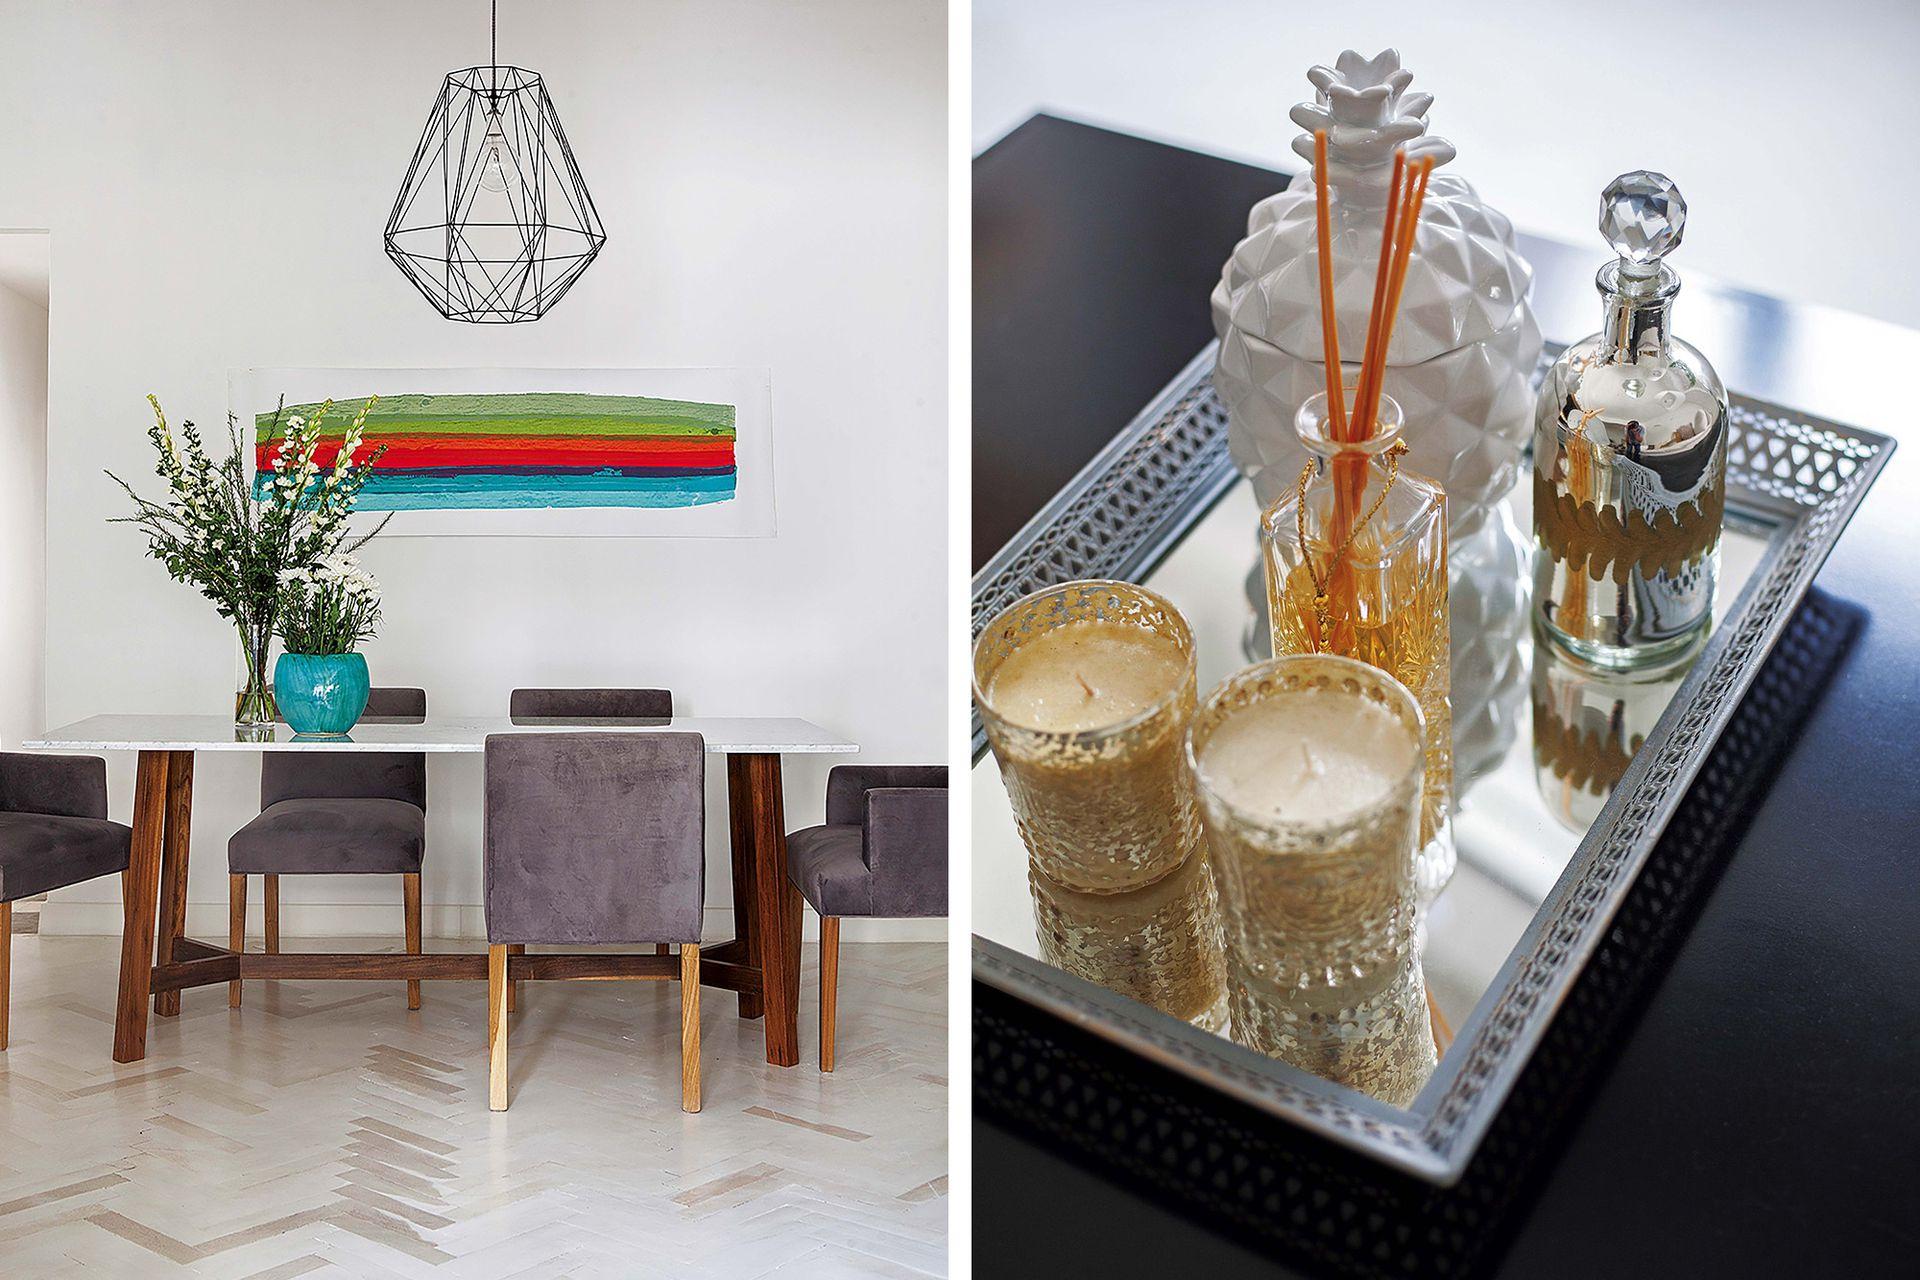 """Mesa (Estudio Trama) y sillas de pana (Coup), que se suman al living cuando hace falta. Lámpara geométrica (Flo's Market). Obra """"Aguayo""""', de Carlos Taquini."""